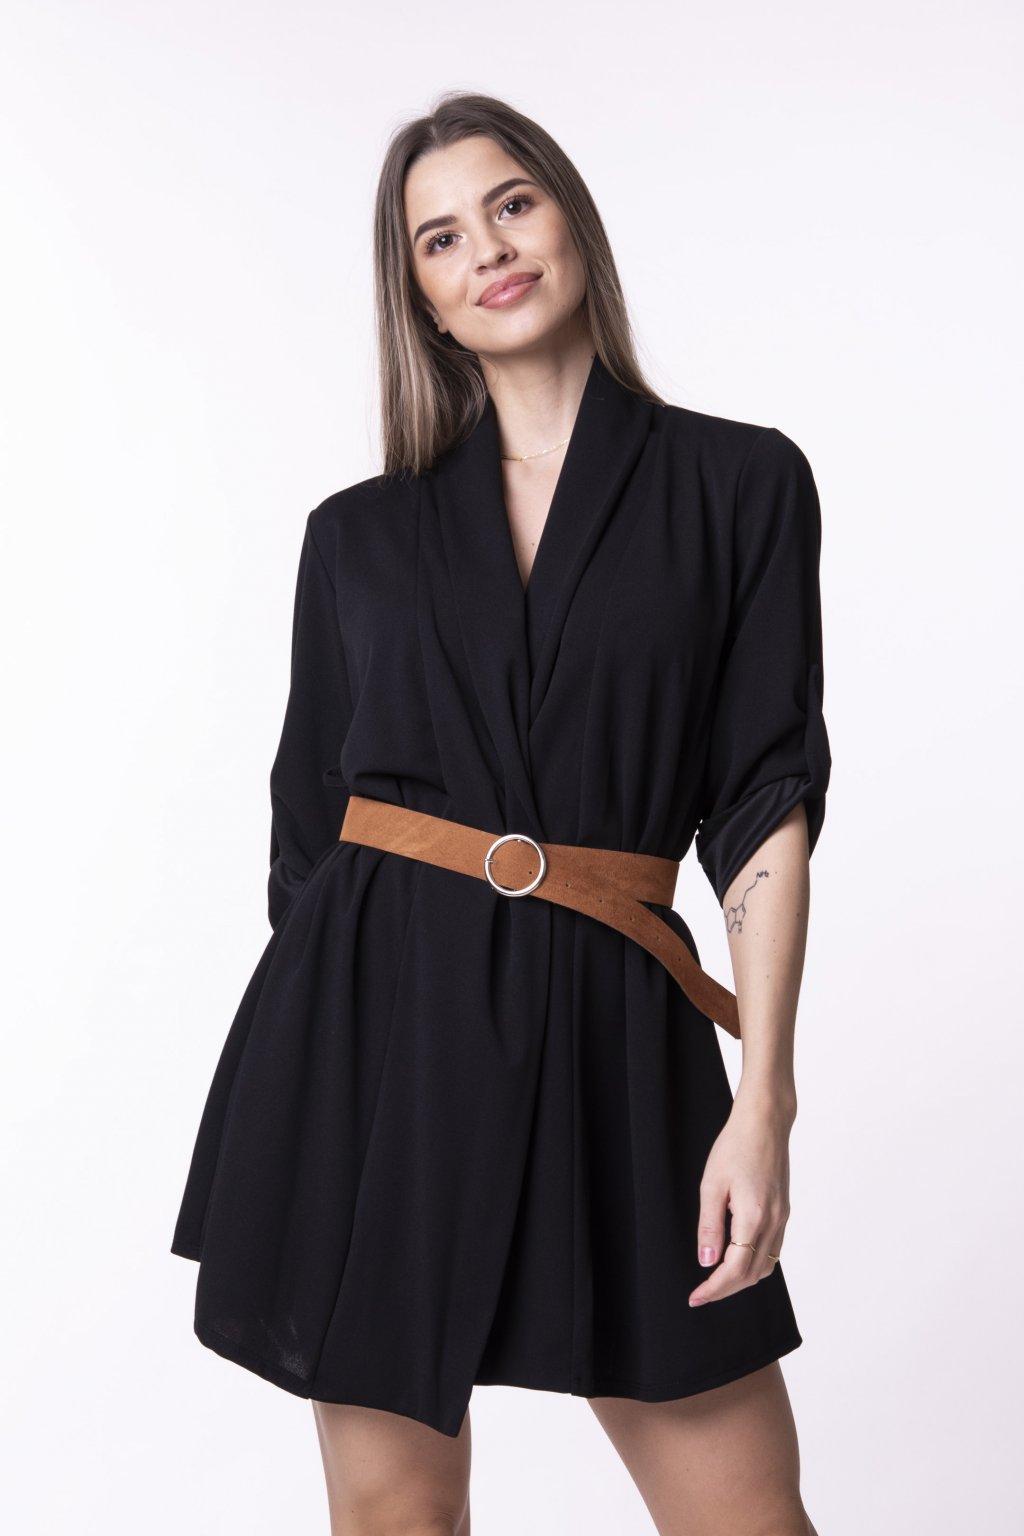 Sakové šaty s páskem